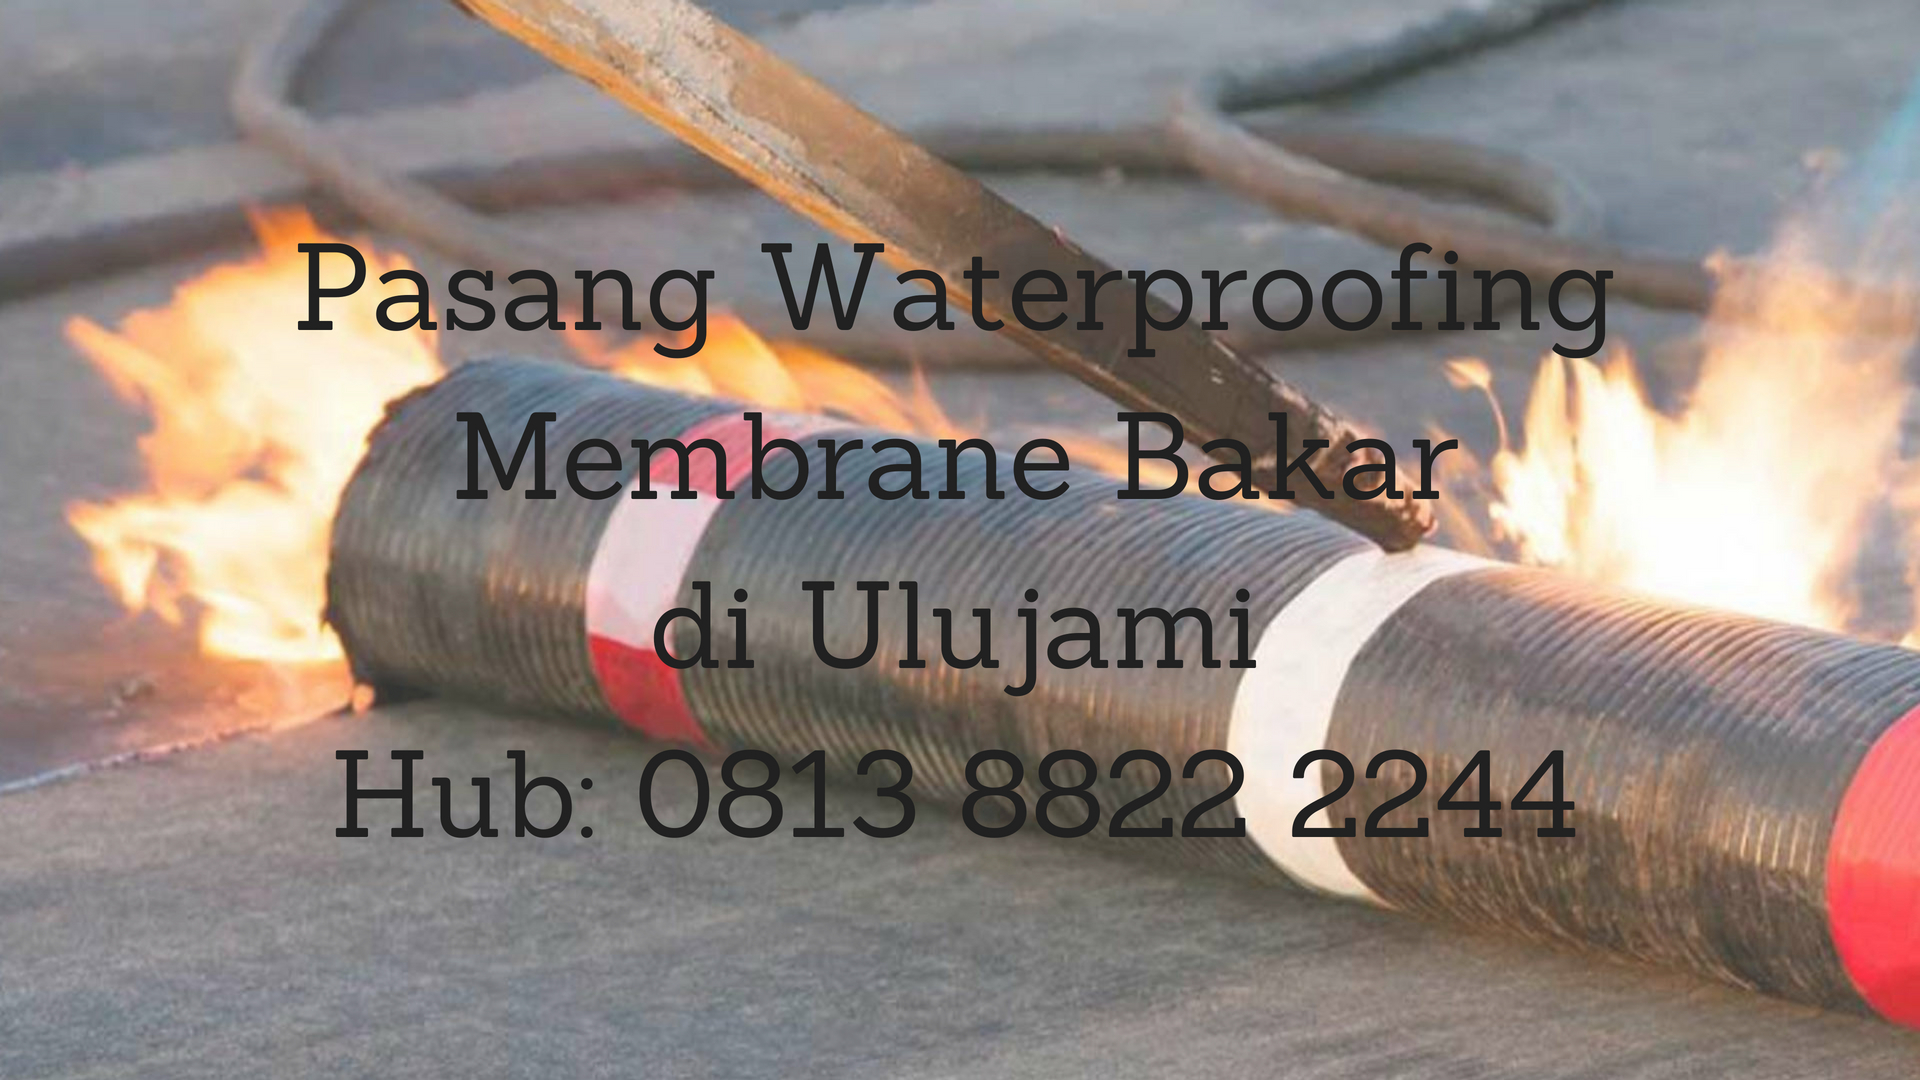 PASANG WATERPROOFING MEMBRANE BAKAR DI ULUJAMI.  HUB : 0813 8822 2244